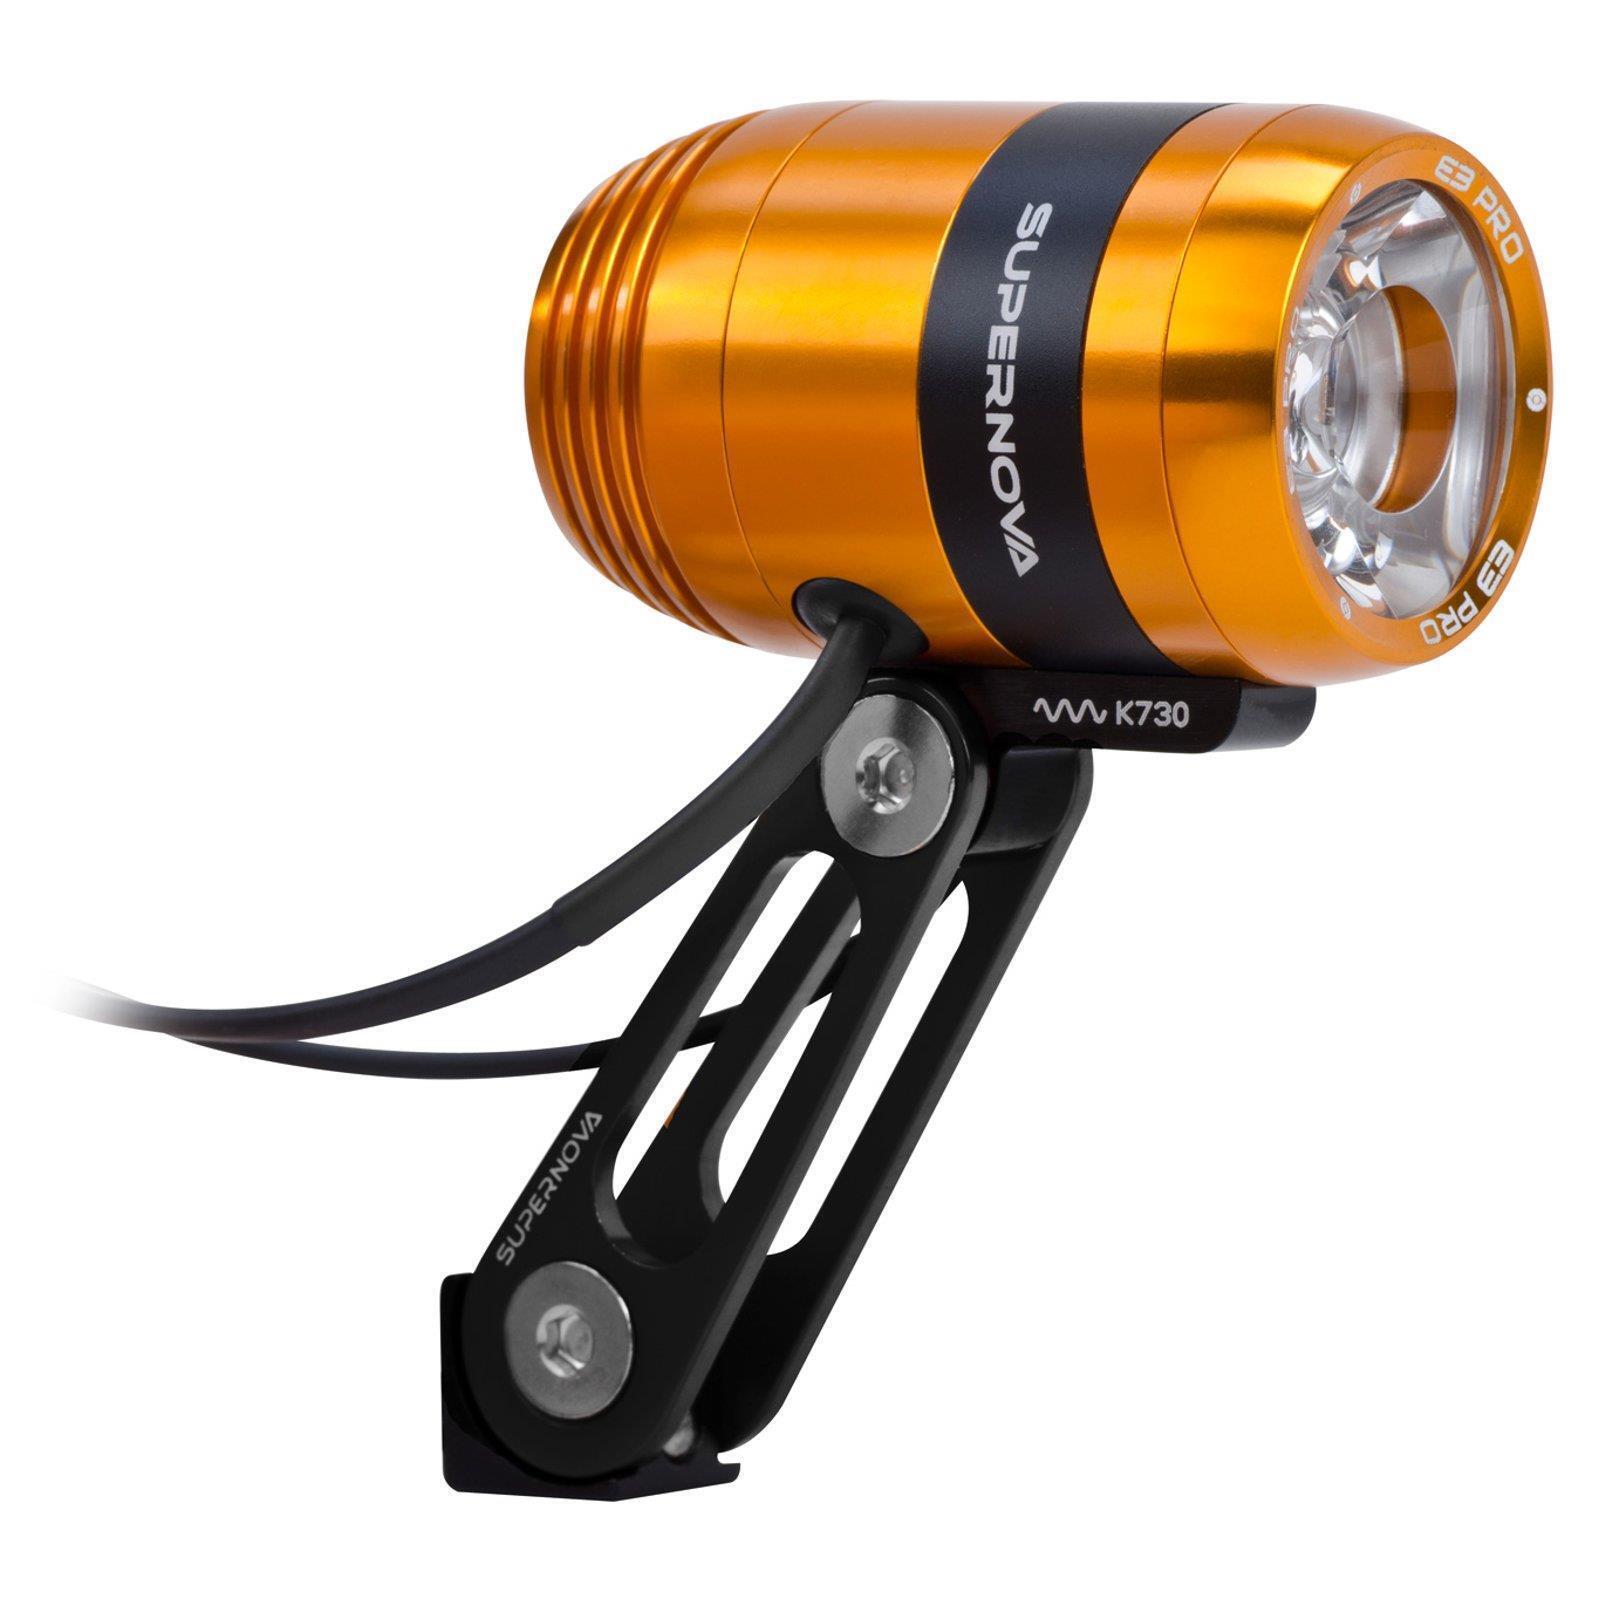 súpernova E3 Pro 2 LED Dynamo Lámpara de Bicicleta Naranja 205 Lumen Sparking 6V 3W AC